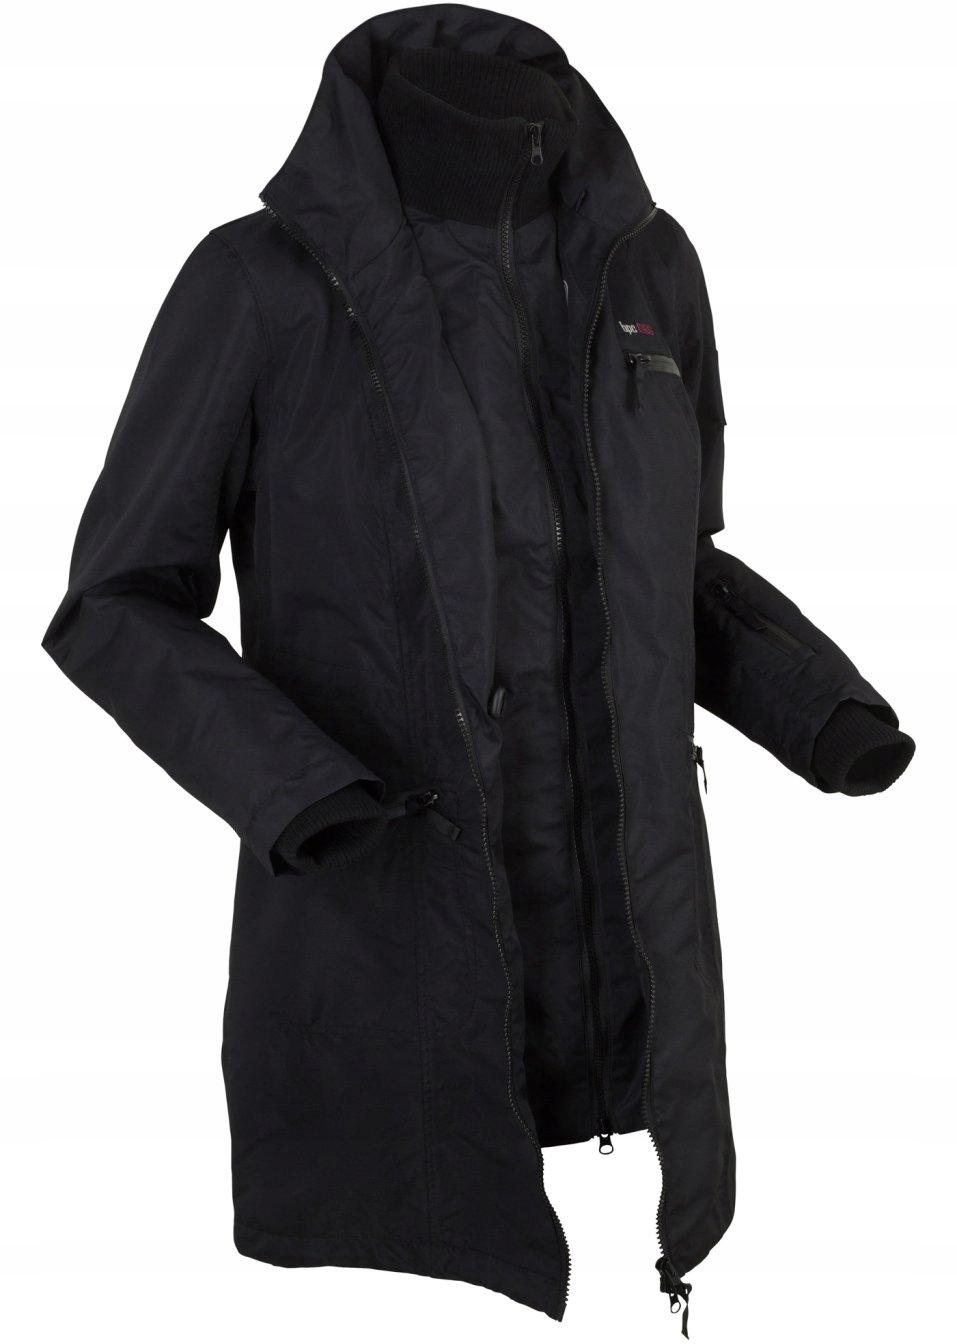 1acc445b678fa5 płaszcz szary z kapturem w Oficjalnym Archiwum Allegro - Strona 83 -  archiwum ofert